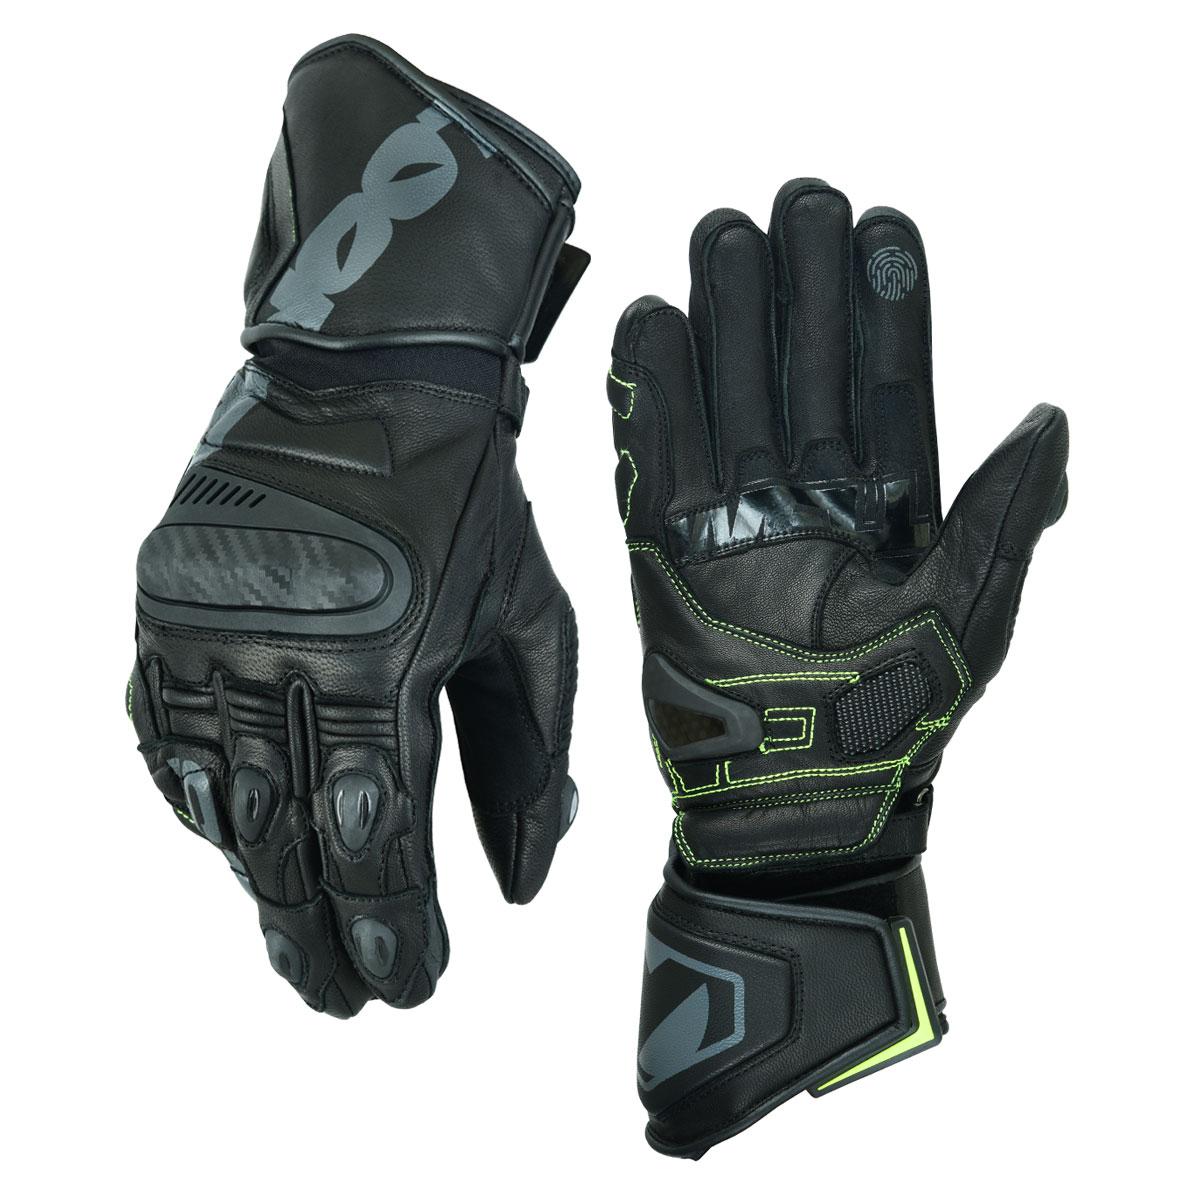 striker-glove-yel-duo